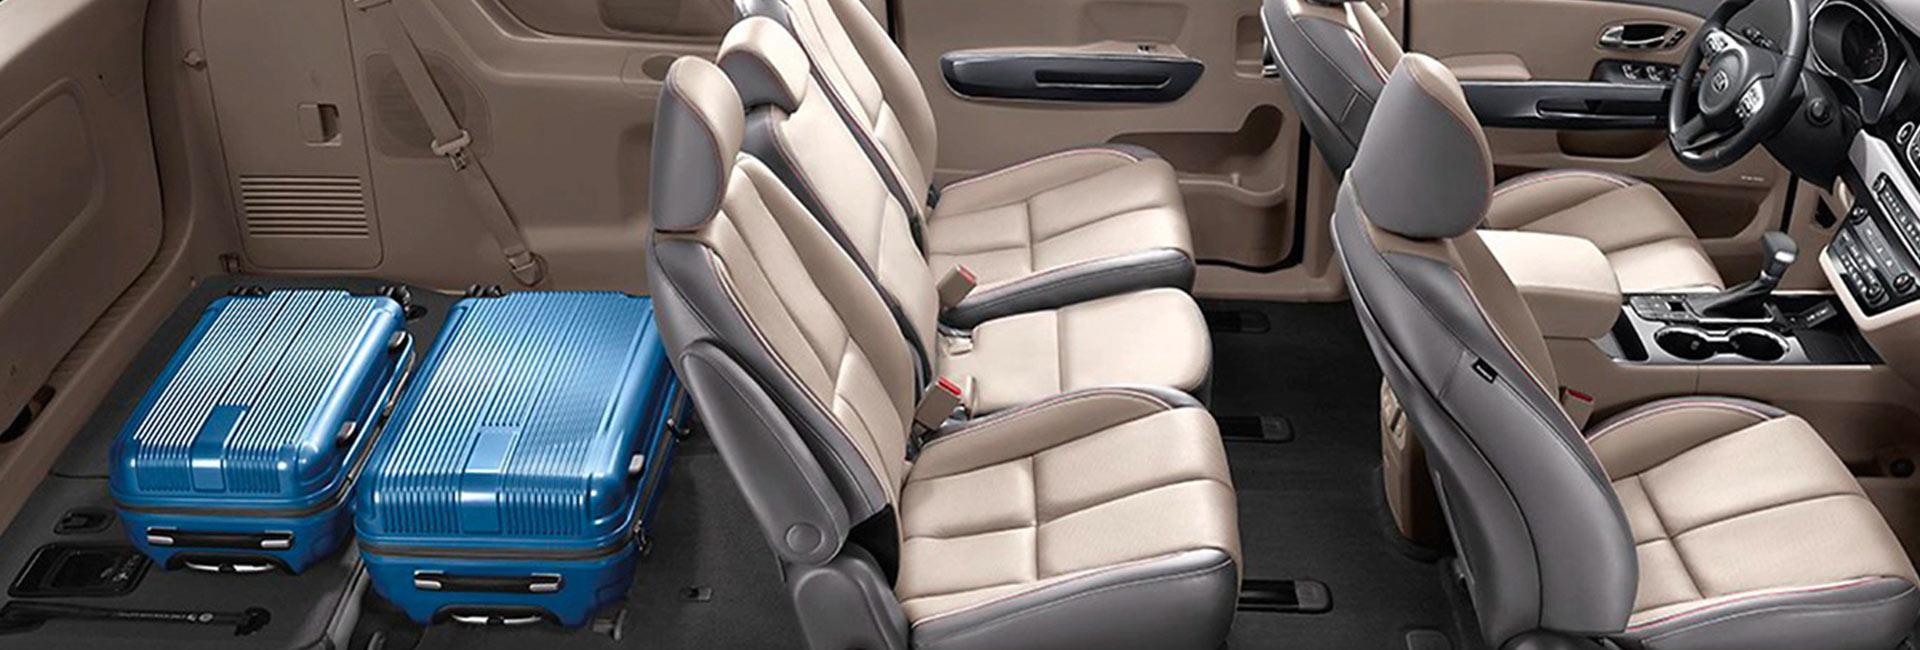 Picture of the interior of the 2020 Kia Sedona